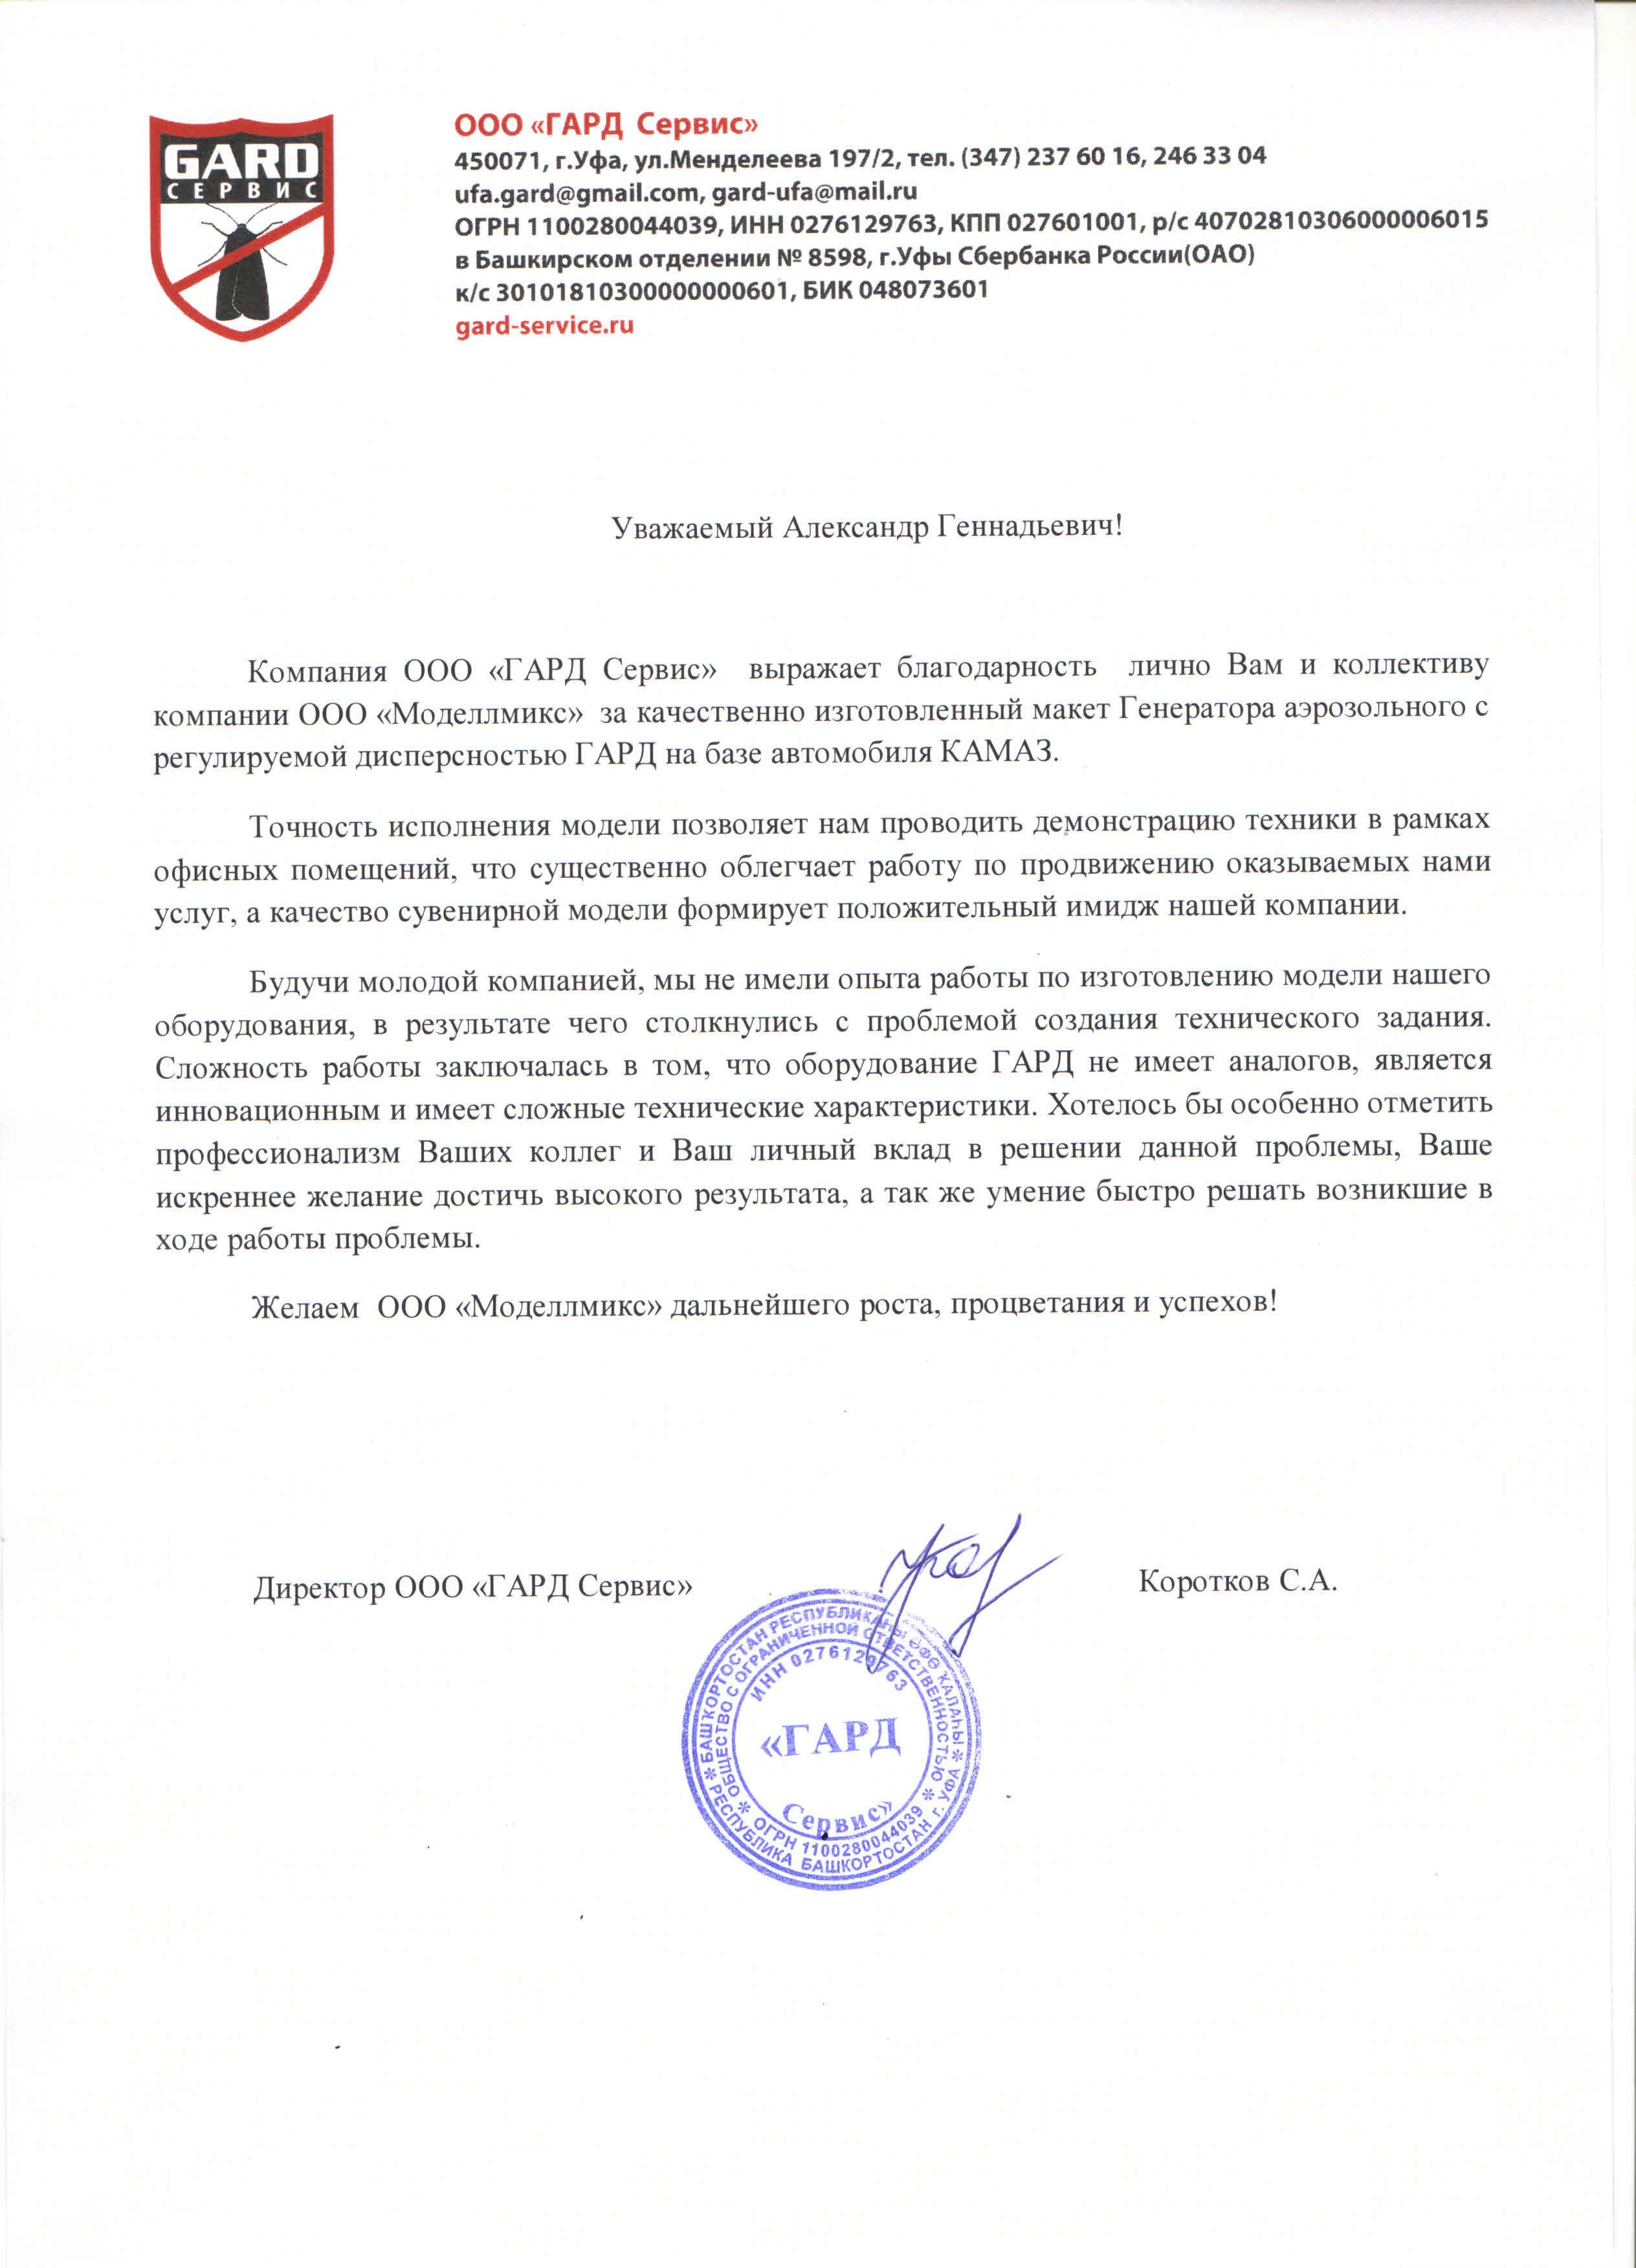 Рекомендательное Письмо от Руководителя